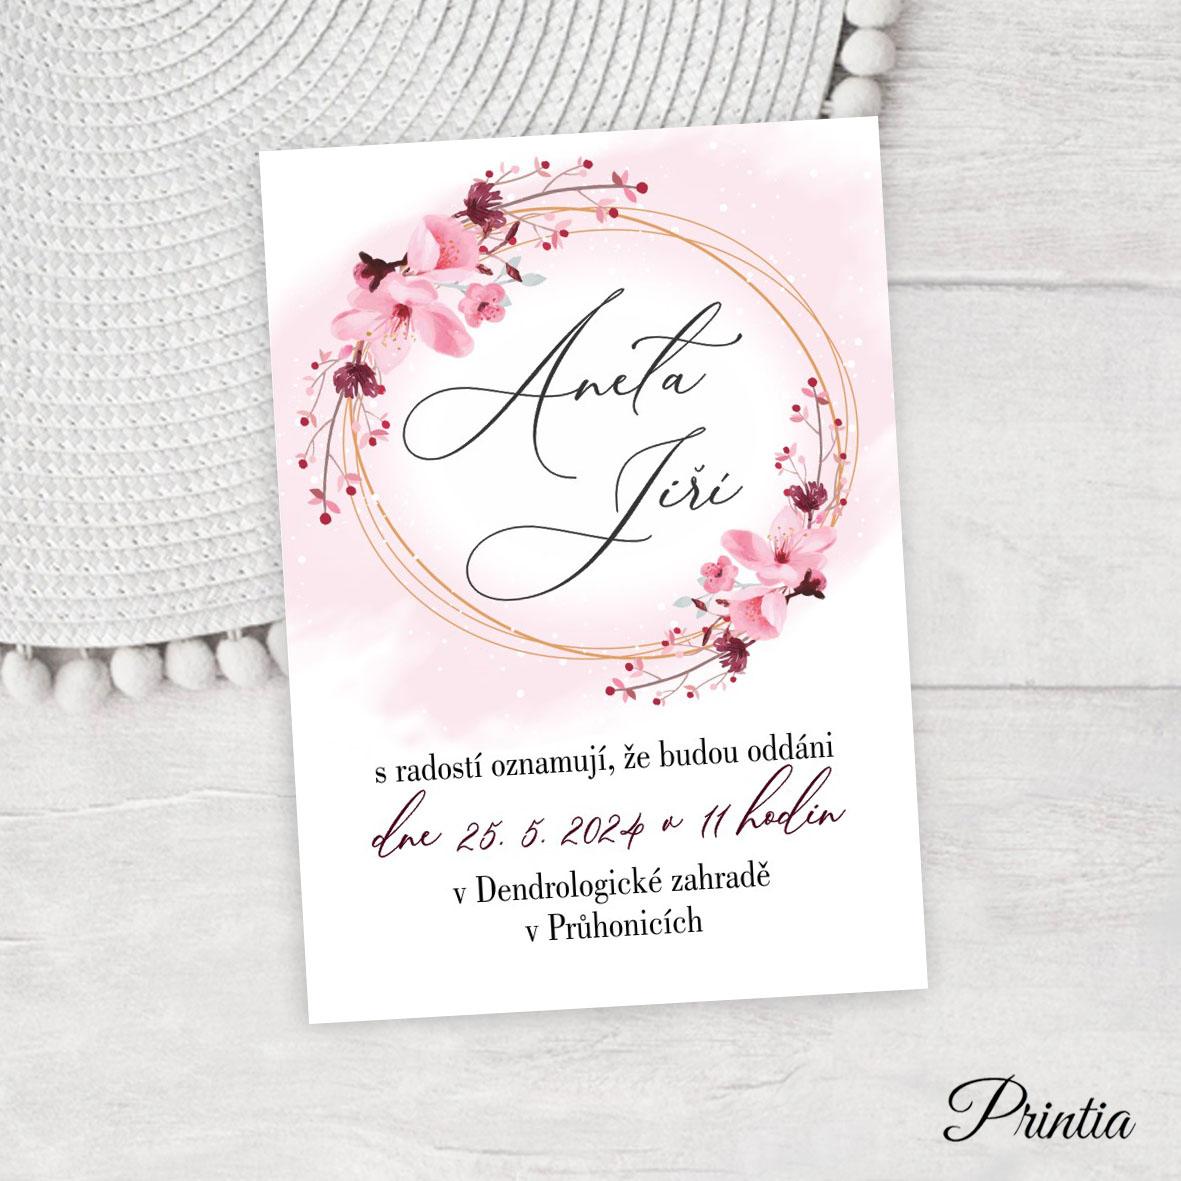 Svatební oznámení s květy třešní